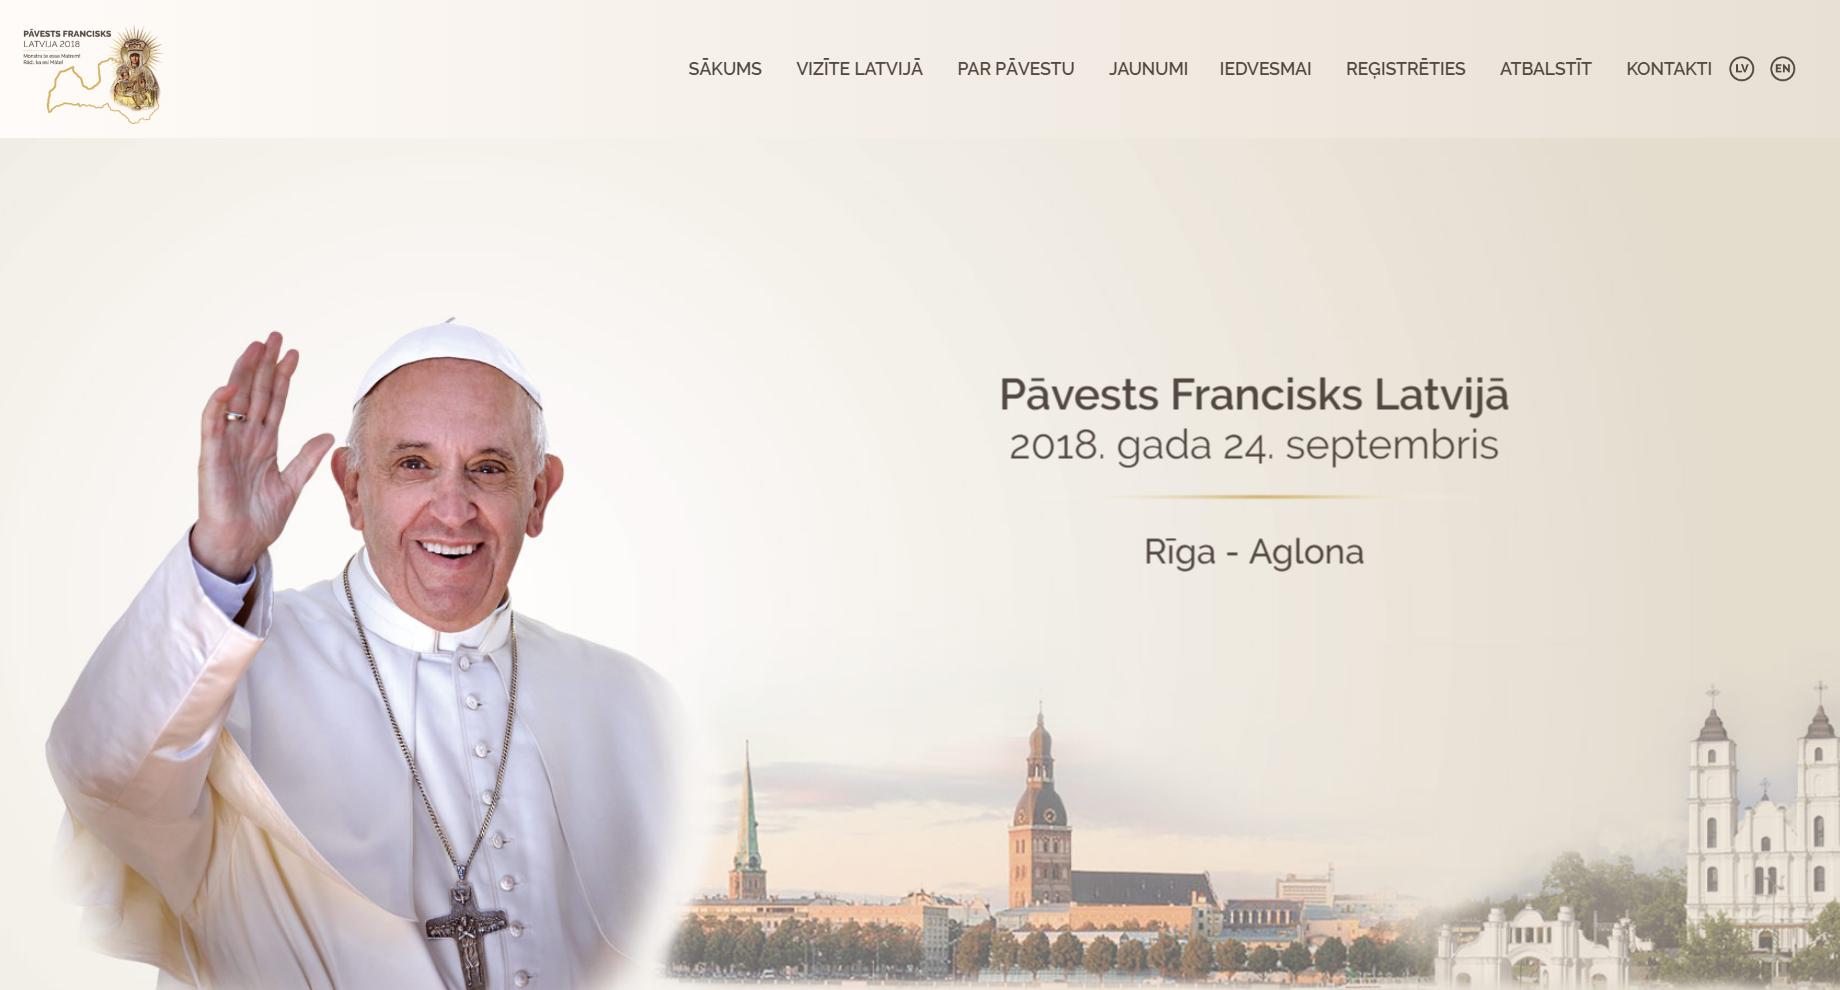 Создан сайт, на котором можно узнать о визите Папы Римского Франциска в Латвию